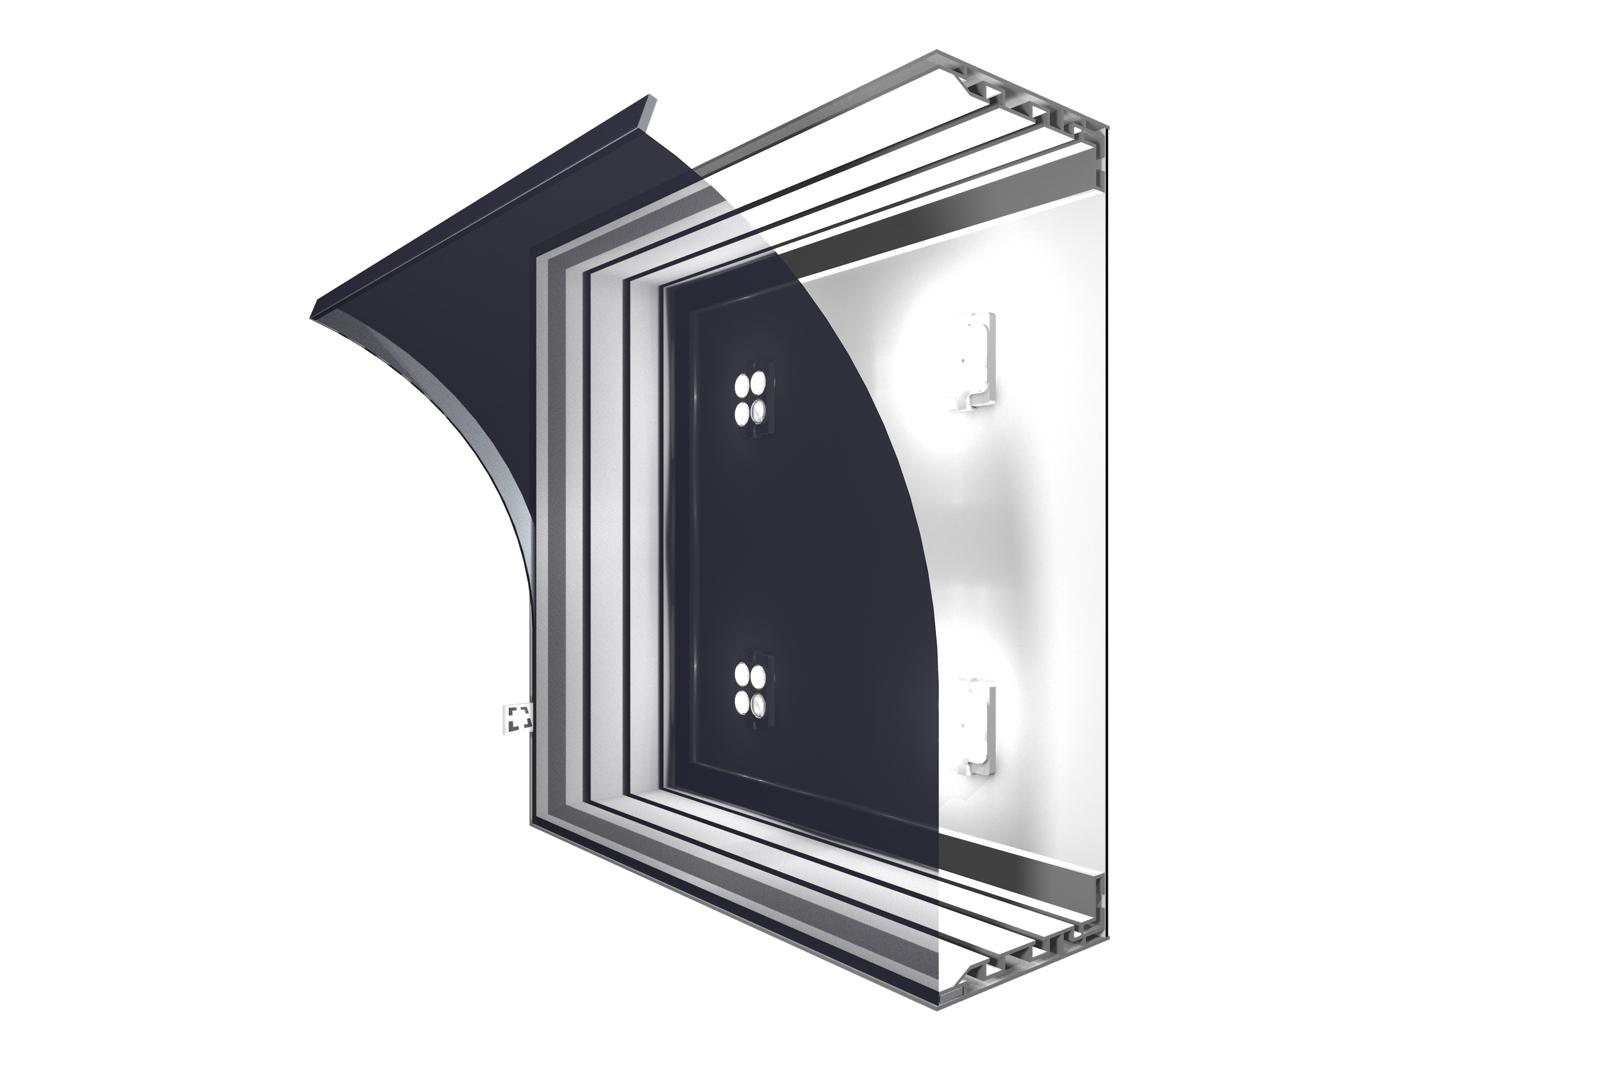 Leuchtkasten 120 mm, einseitig